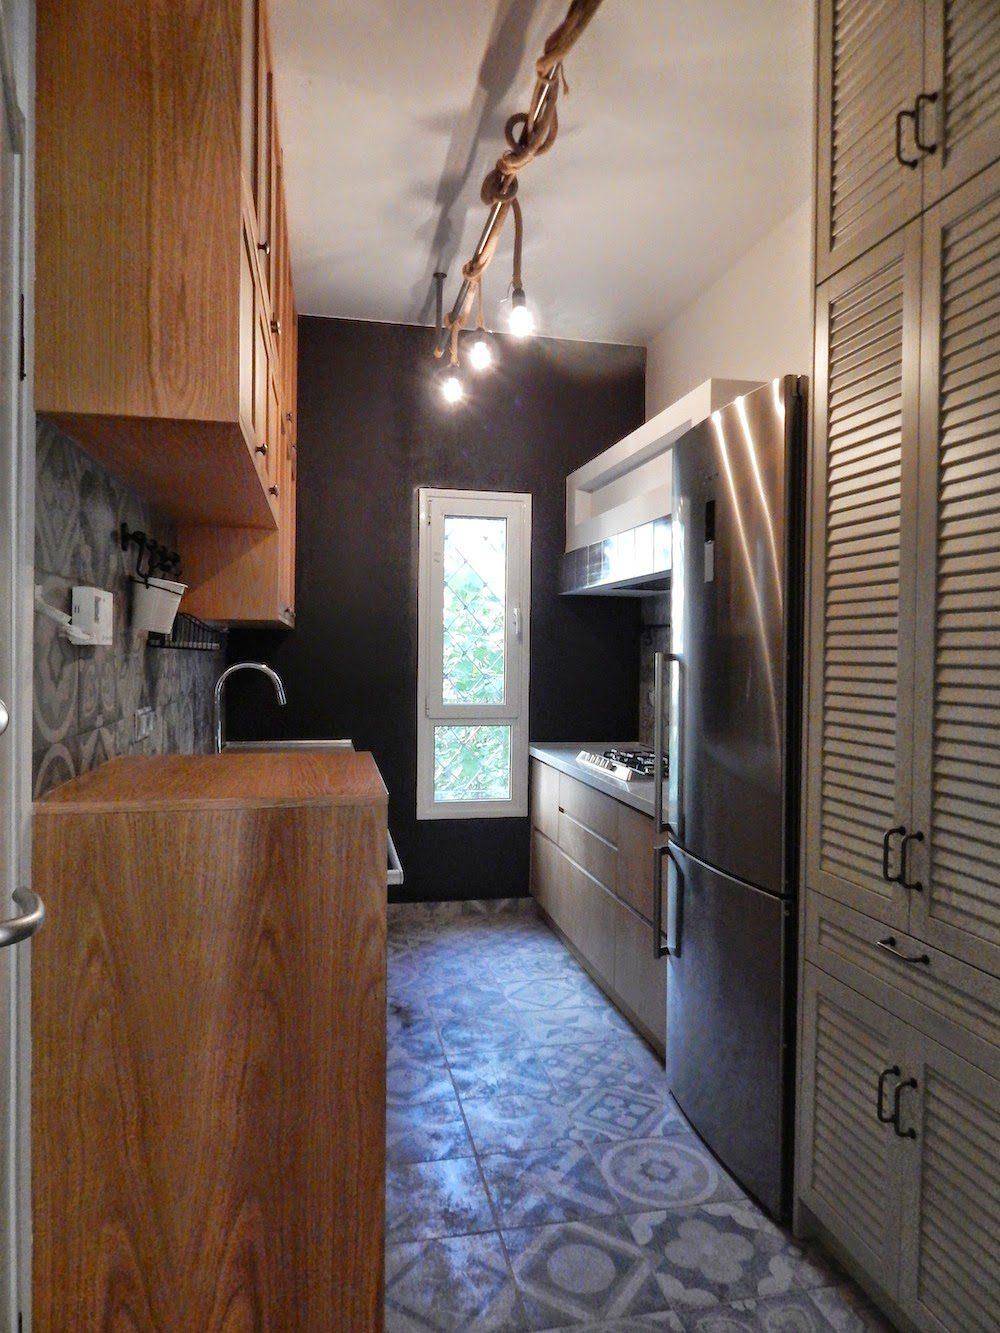 Μια στενόμακρη κουζίνα, χωριστό δωμάτιο αλλά πέρασμα ταυτοχρόνως διαφοροποιείται και δεν είναι βαρετή αφού αποκτά ύφος παλιού παντοπωλείου. Στην μία πλευρά αναπτύσσεται ένα σύστημα πάγκου εργασίας και ερμαρίων με γυάλινες όψεις, ενώ απέναντι η θέση μαγειρέματος διαθέτει όλα τα απαραίτητα για τη διαδικασία αλλά και μια κατασκευή παλιάς χωριάτικης όψης. Στα δεξιά μια μεγάλη τροφοθήκη με πόρτες γρίλια κρύβει αποθηκευτικούς χώρους αλλά και πρόχειρο τραπέζι φαγητού!